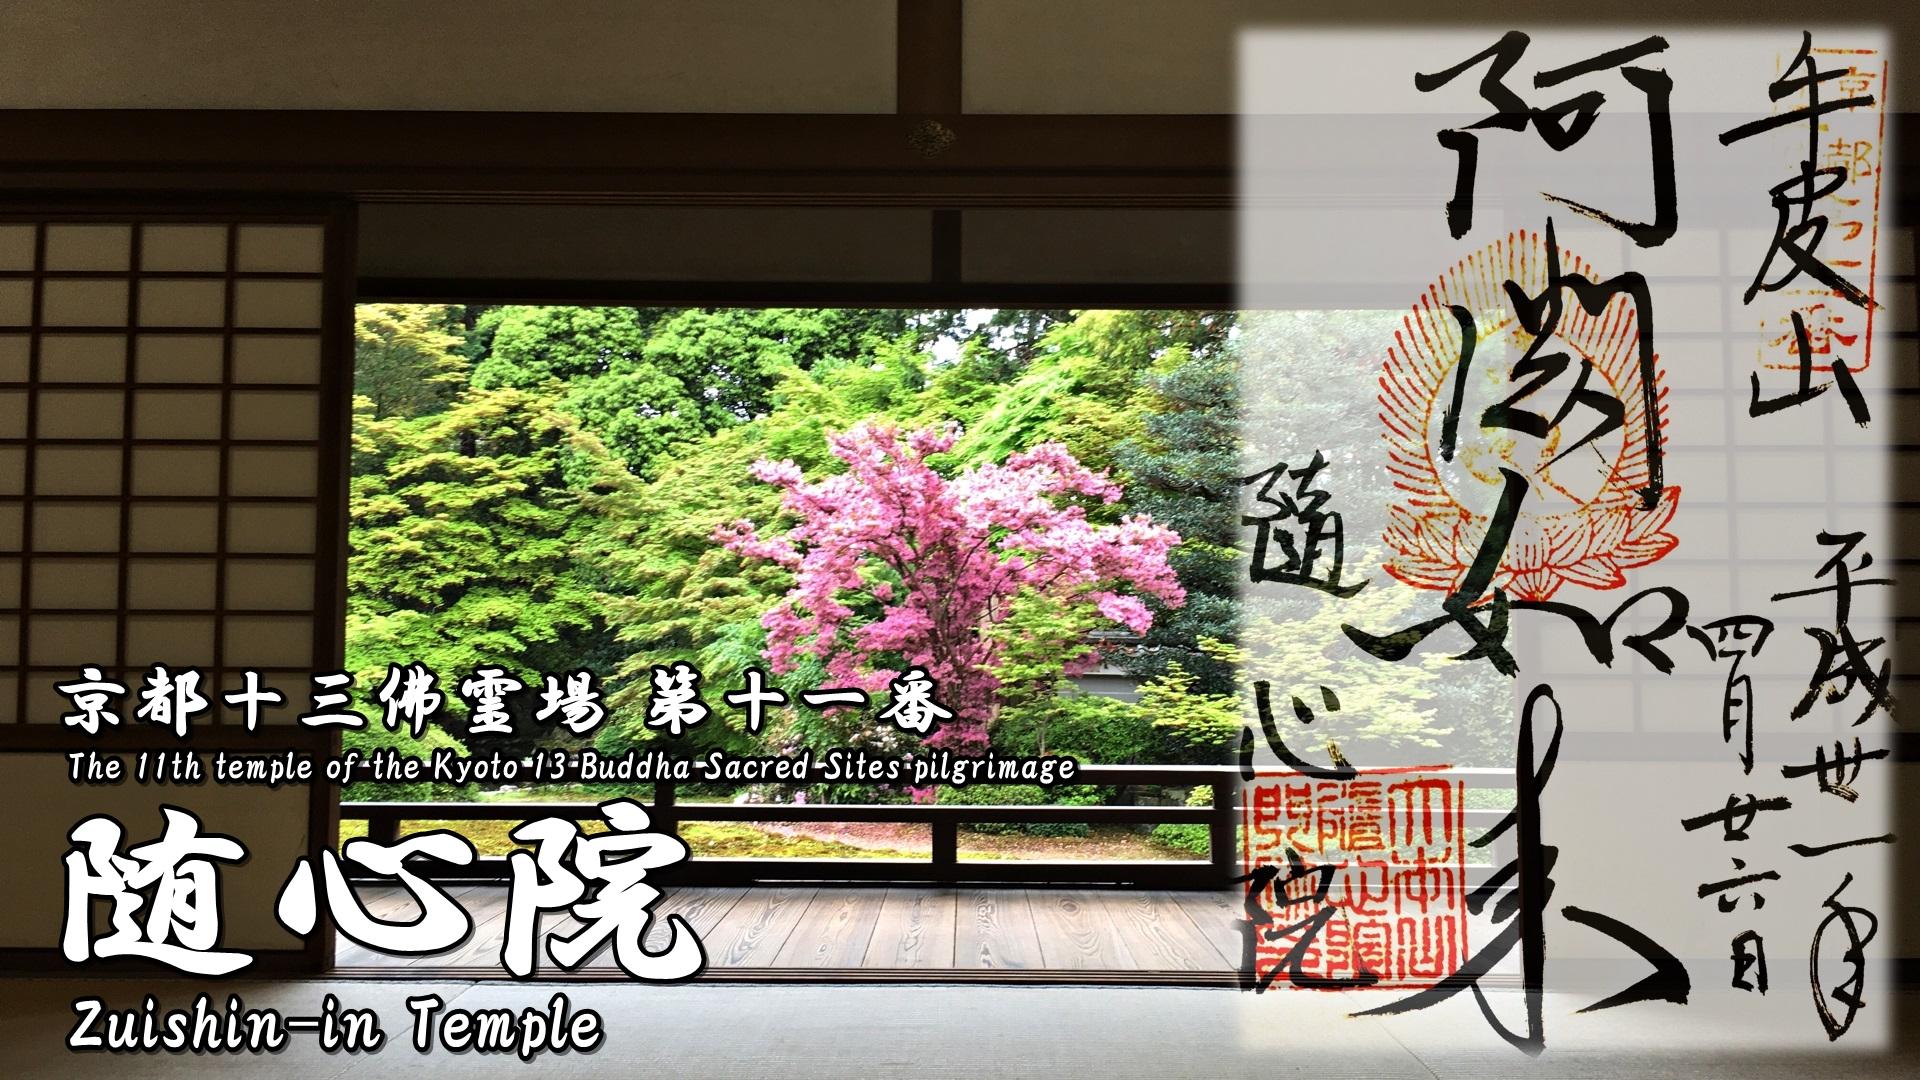 zuishinin-goshuin-02